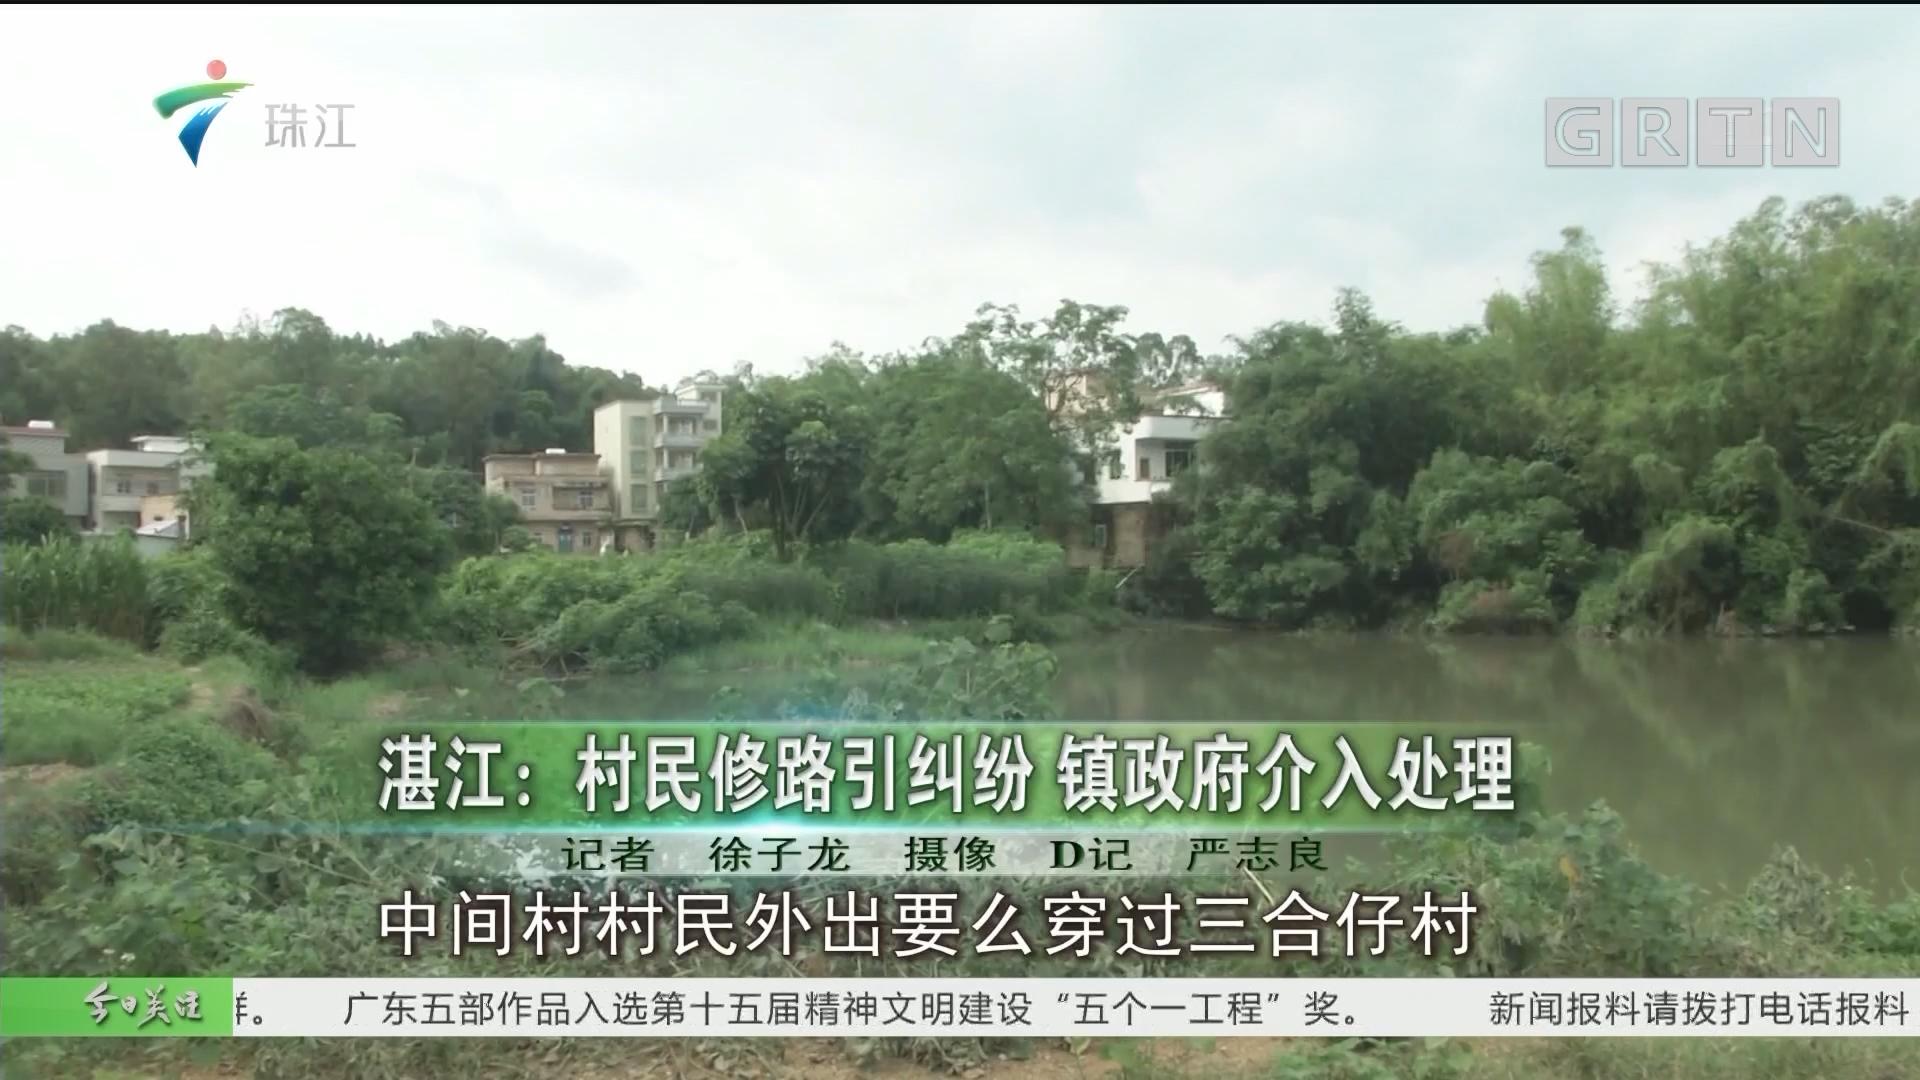 湛江:村民修路引纠纷 镇政府介入处理